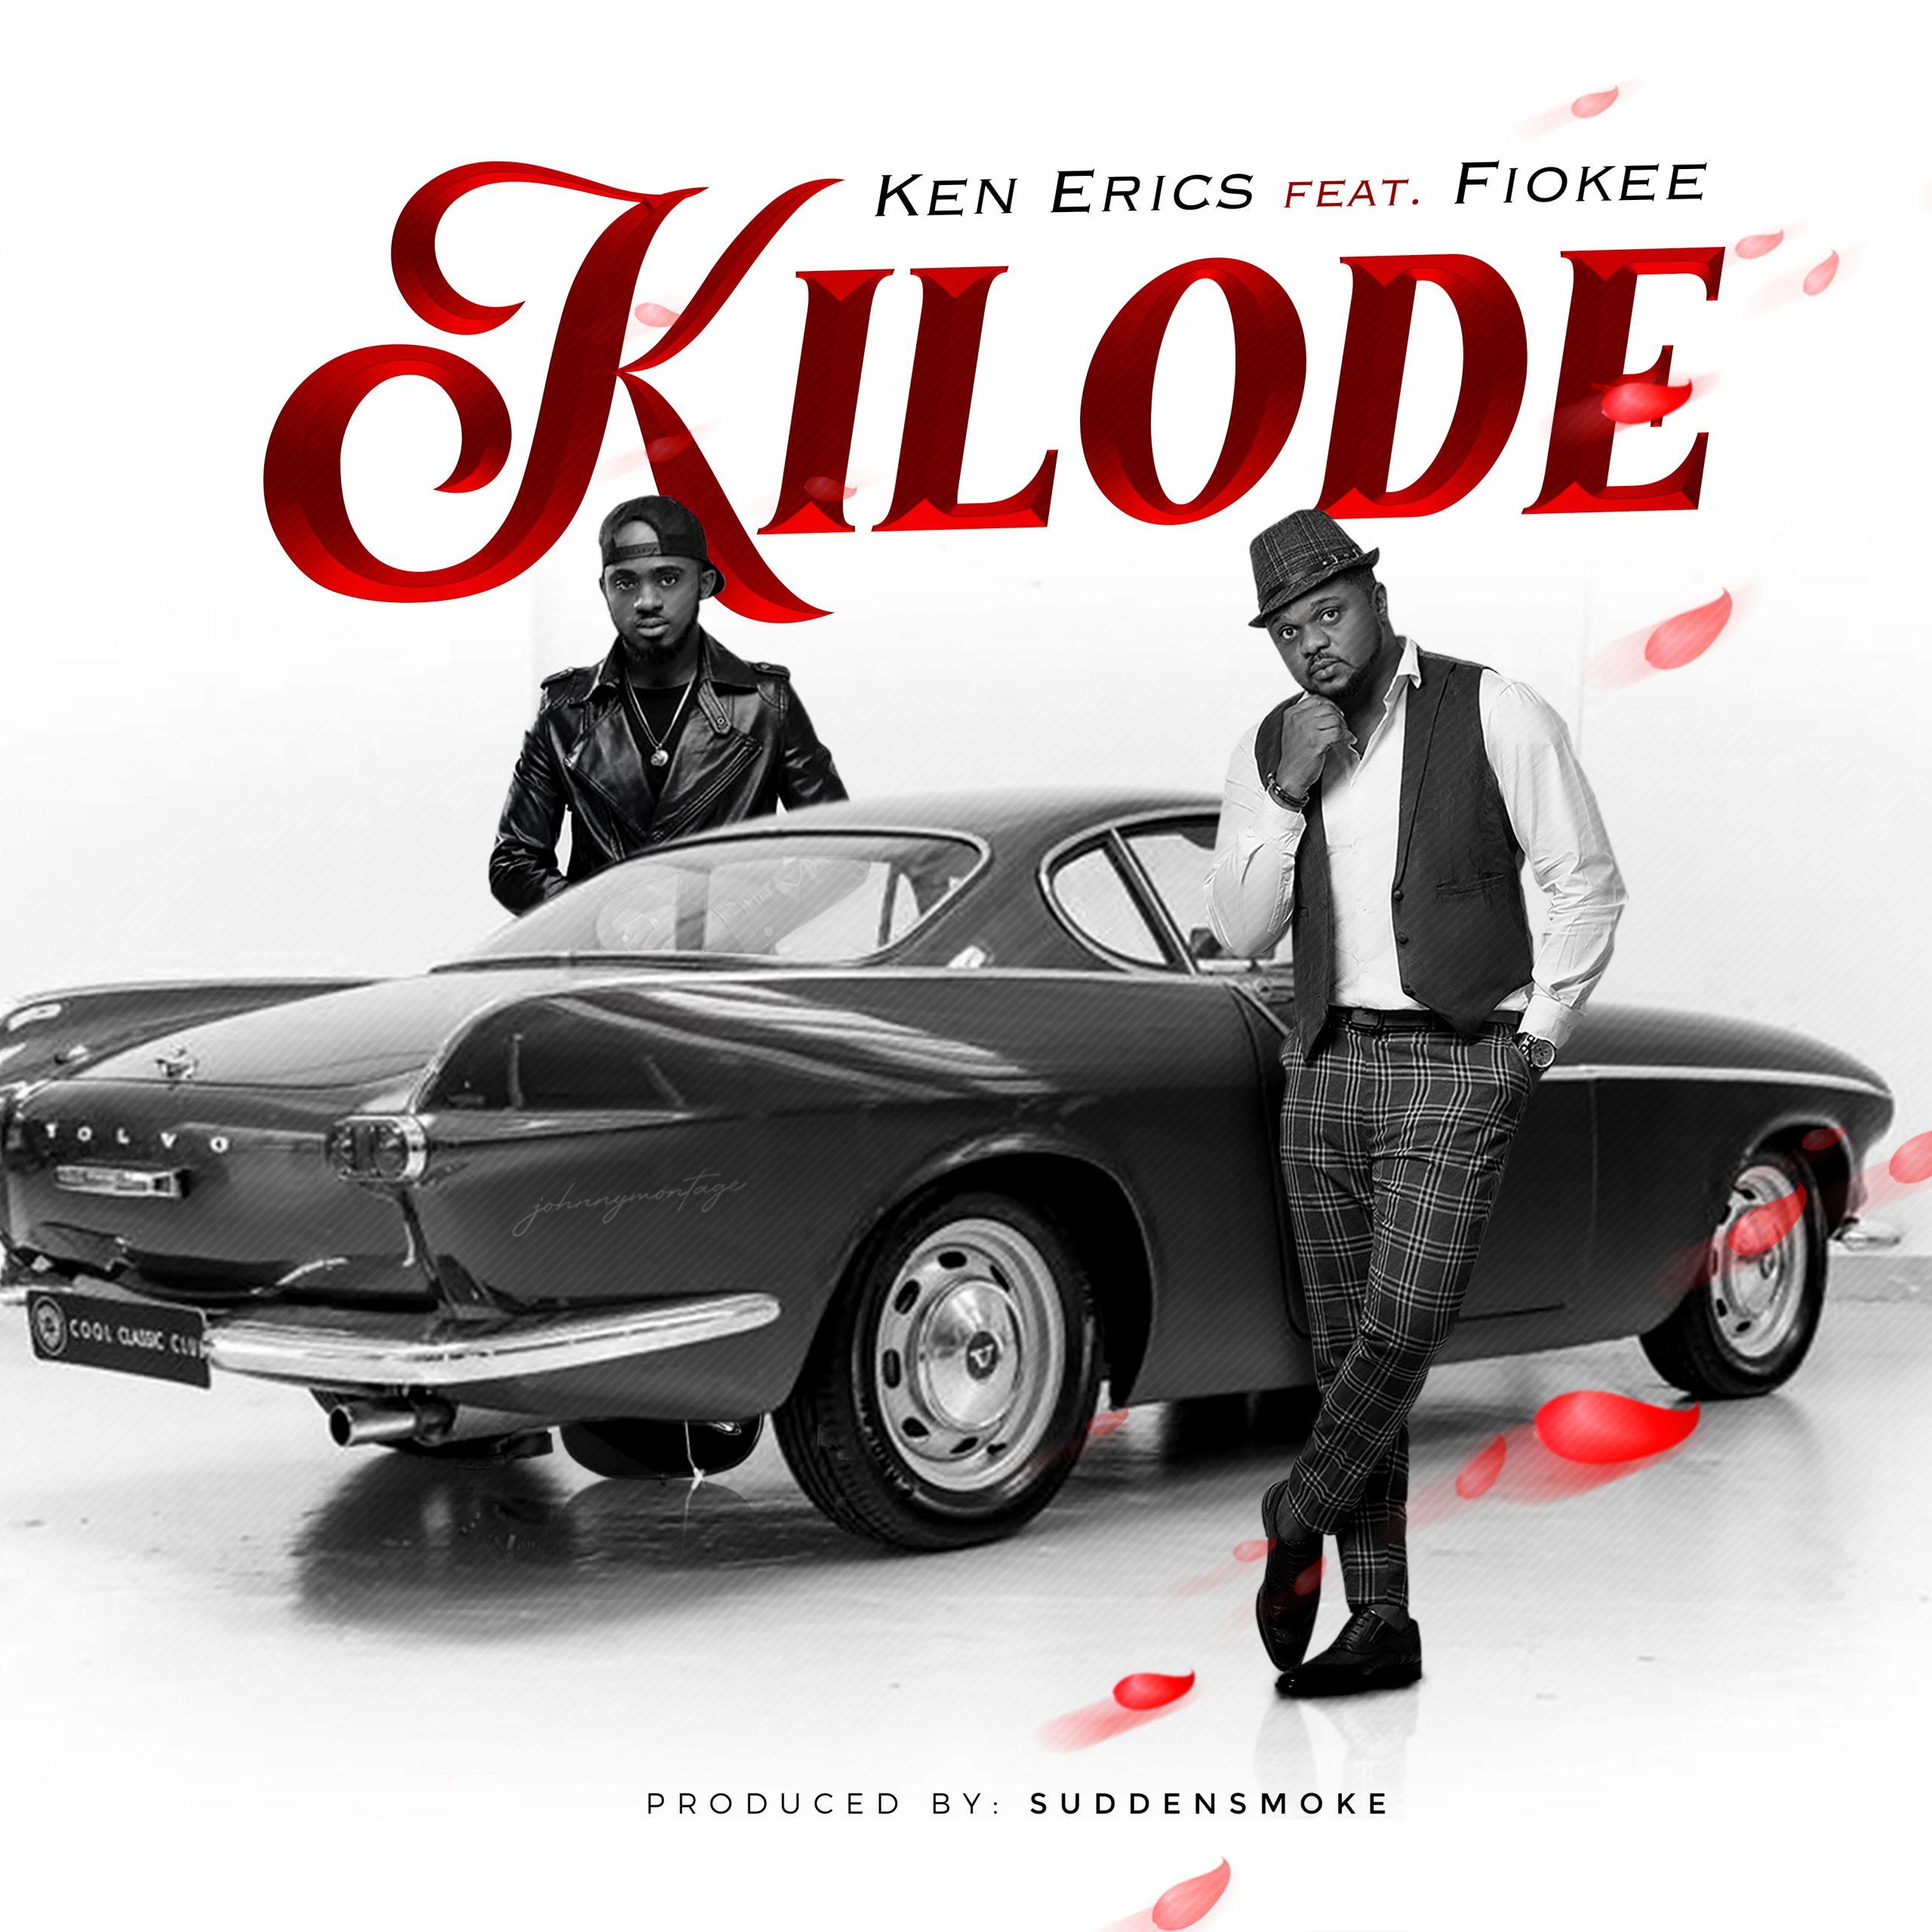 Kilode_Ken Erics